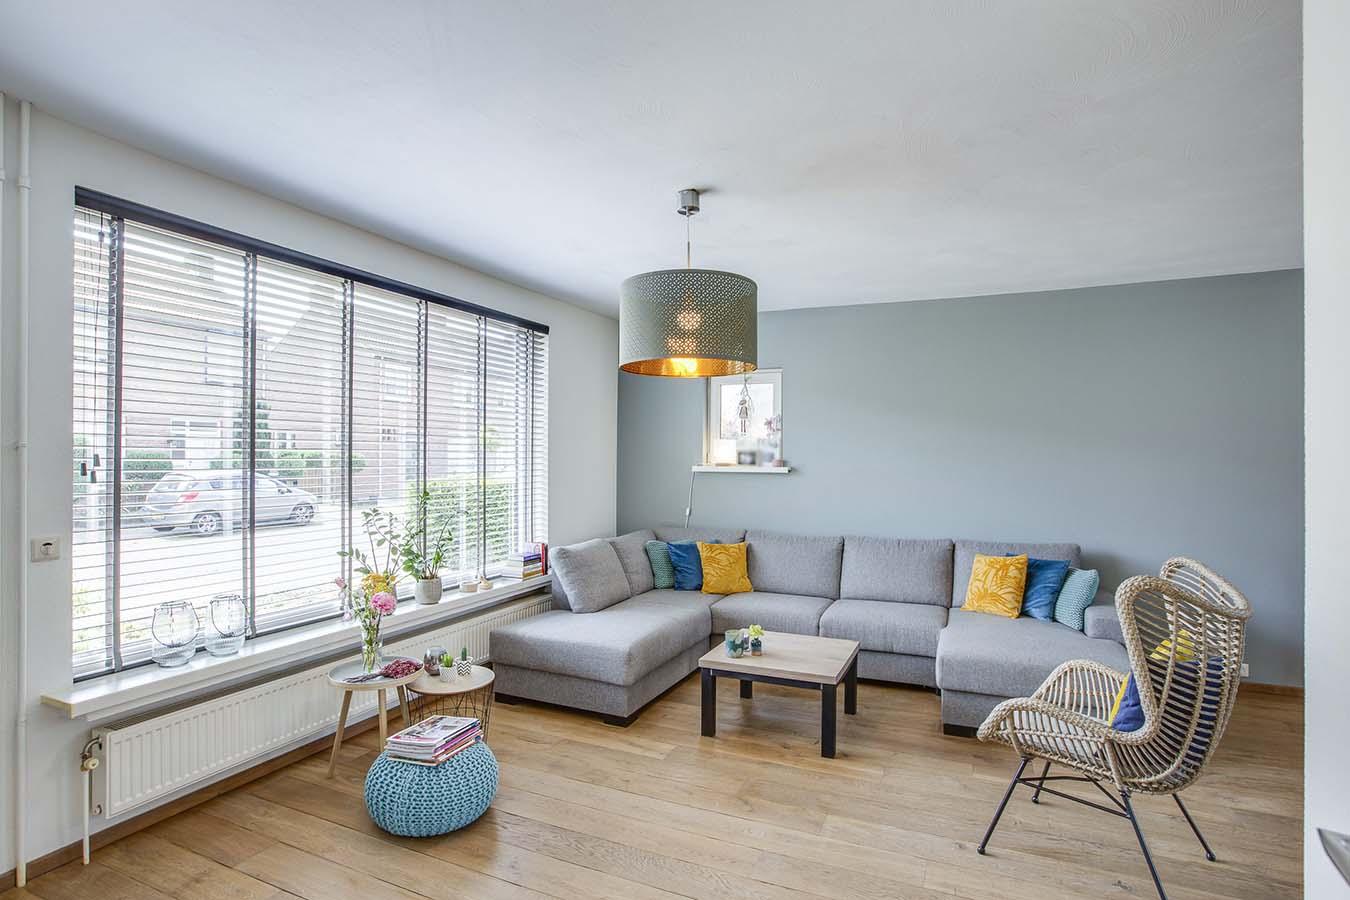 gestyleerde woonkamer door interieurspecialist